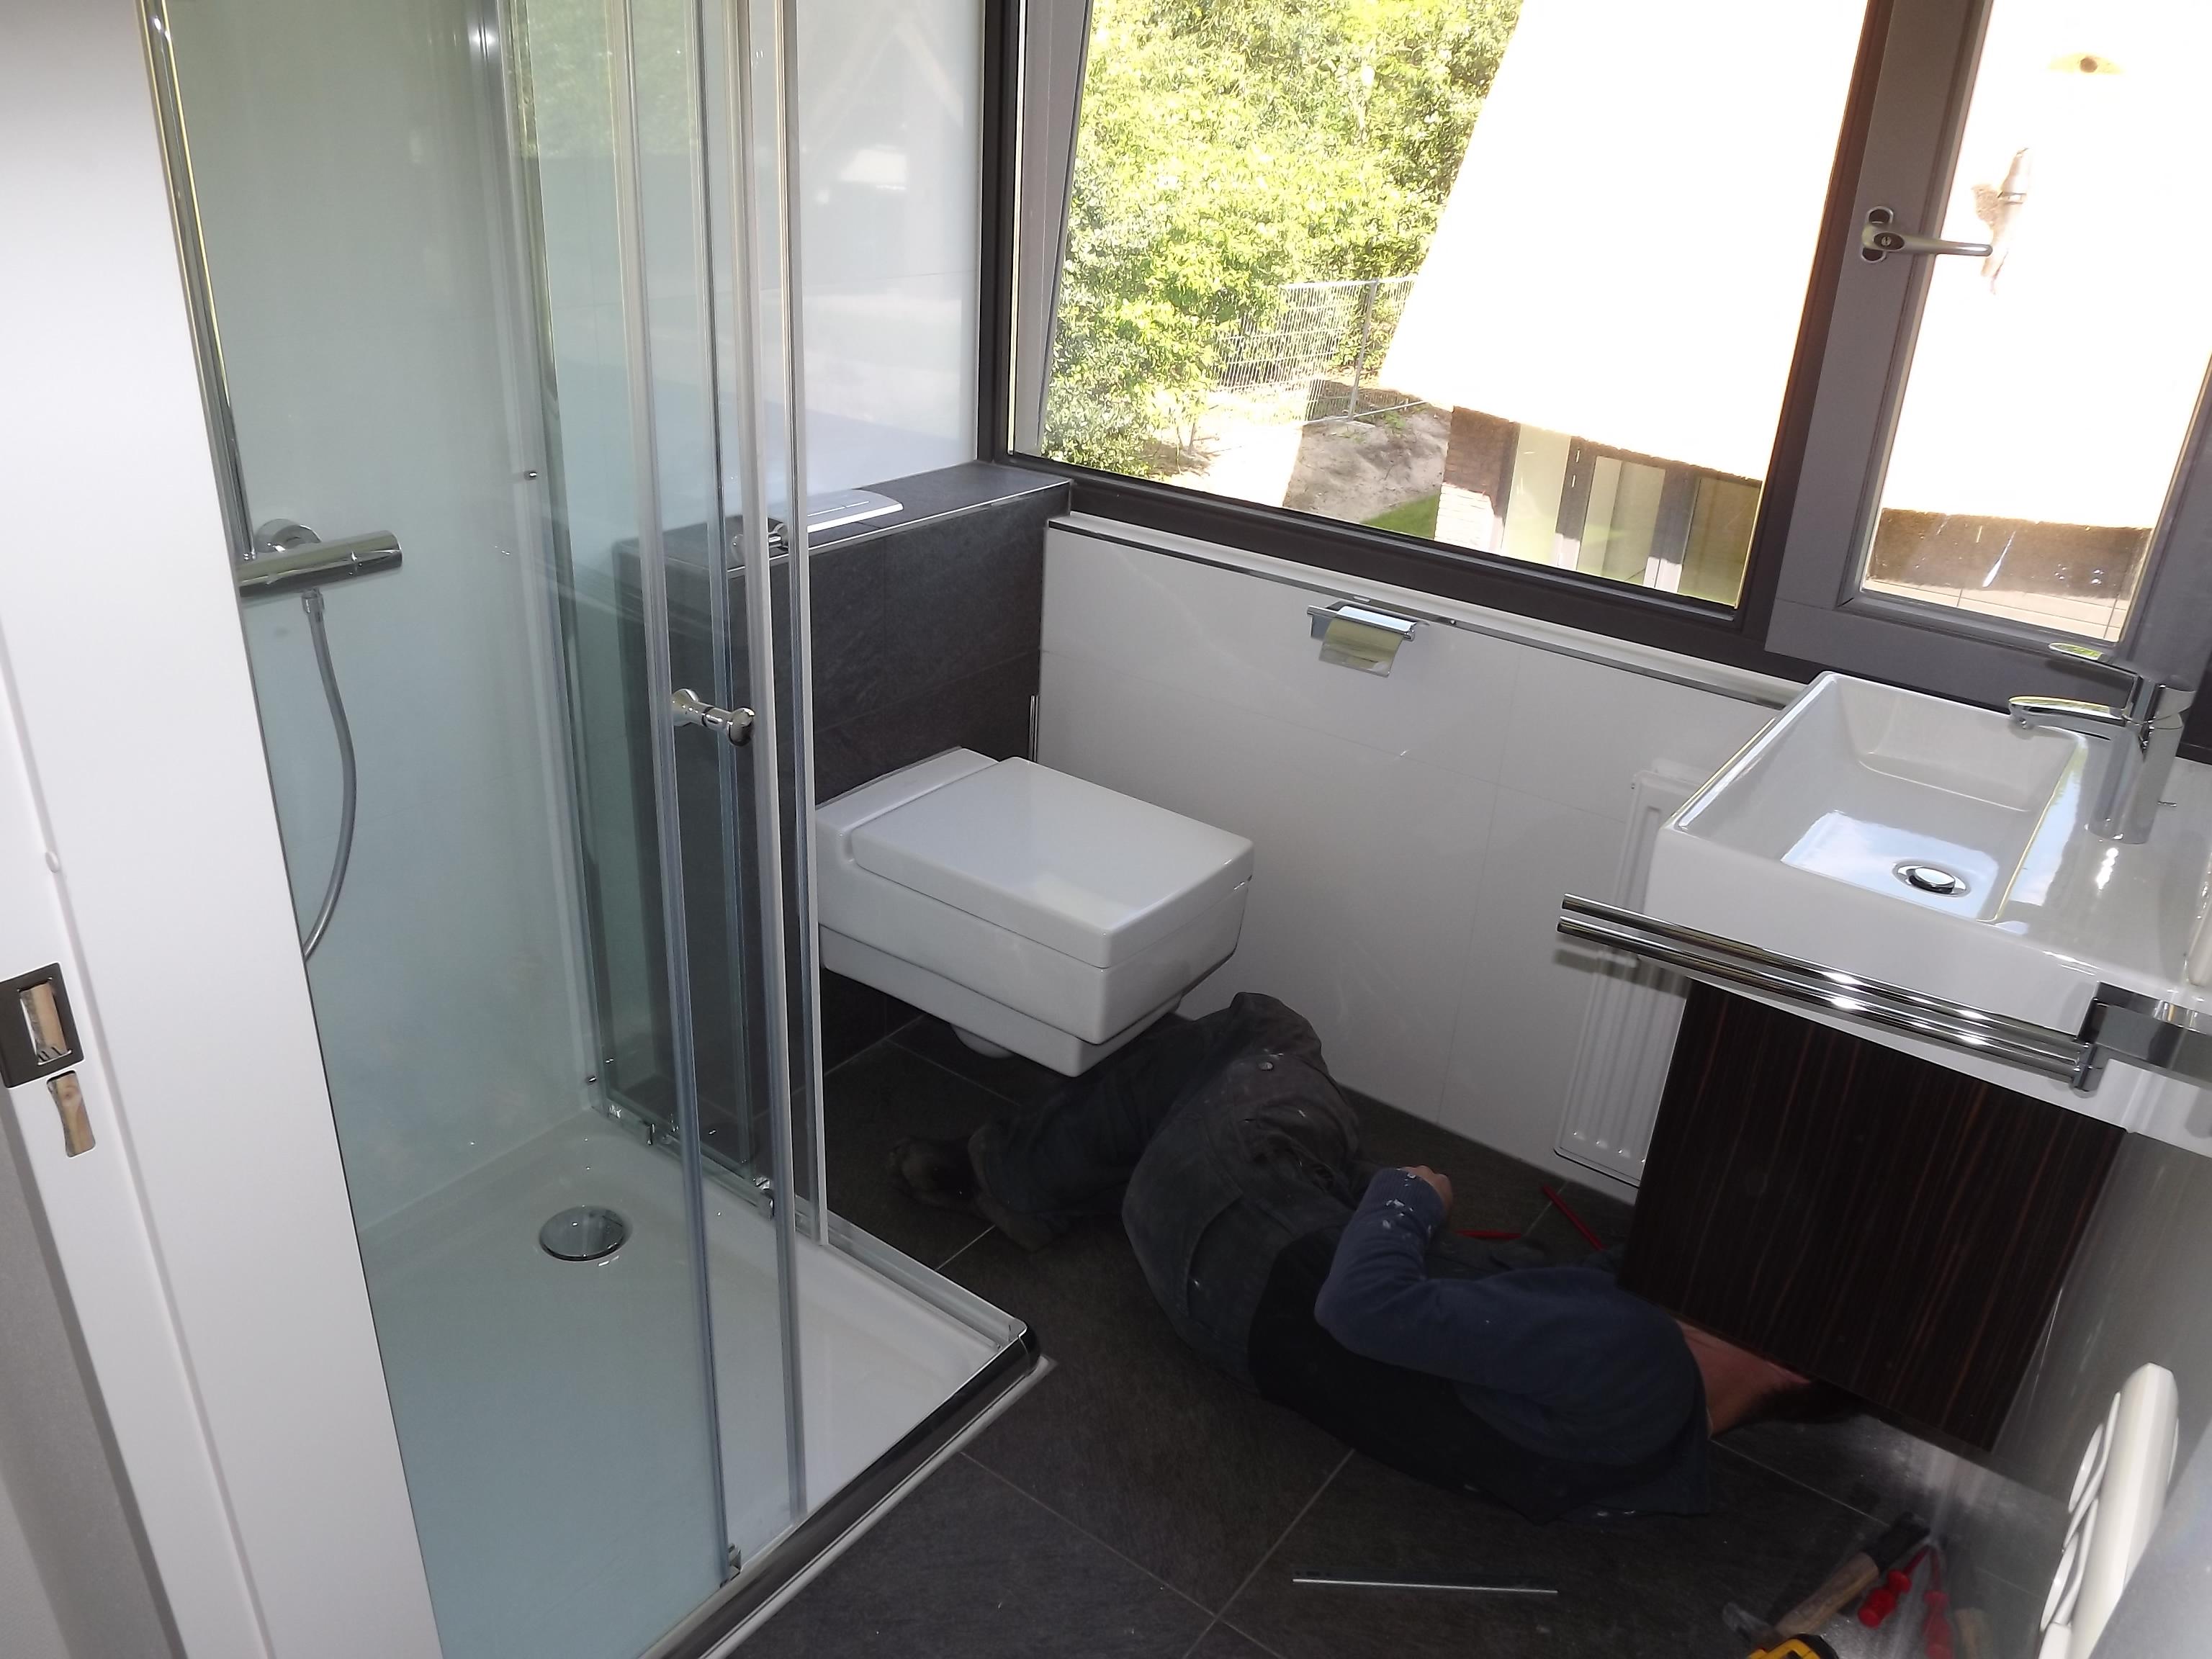 Mooi schoorl installatiebedrijf j koks b v - M badkamer installatie ...